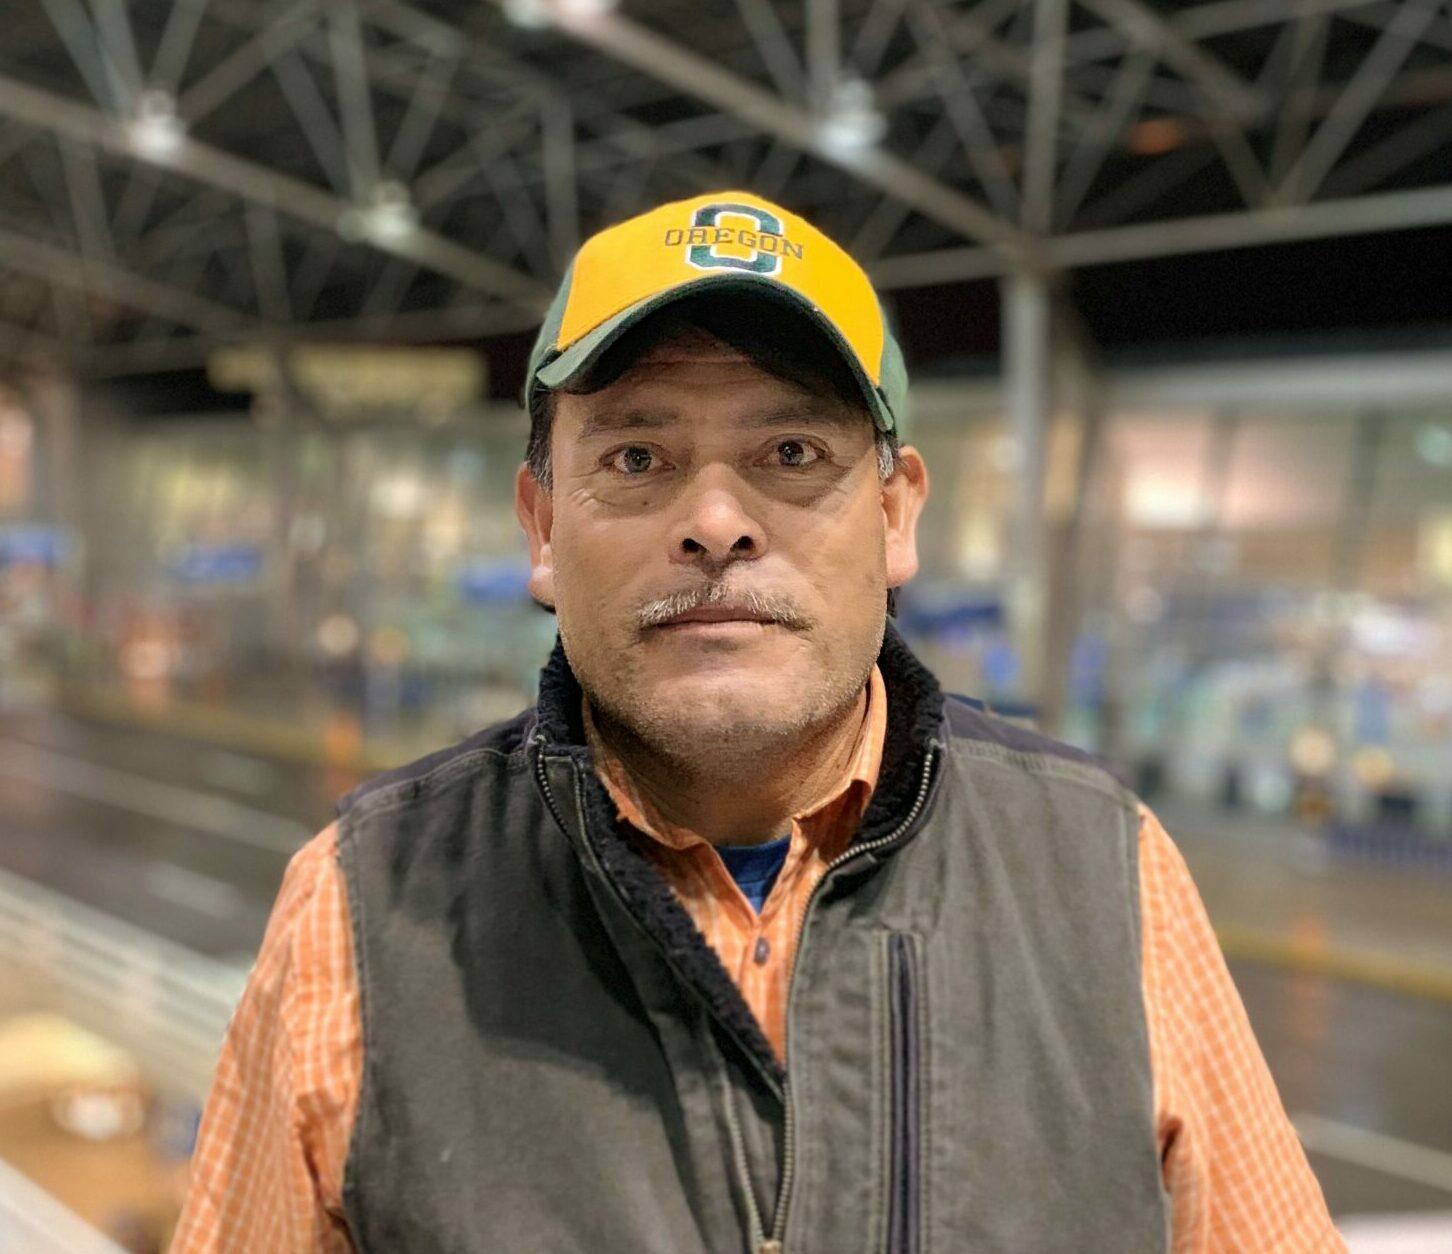 Photo of Ricardo Morales Avila